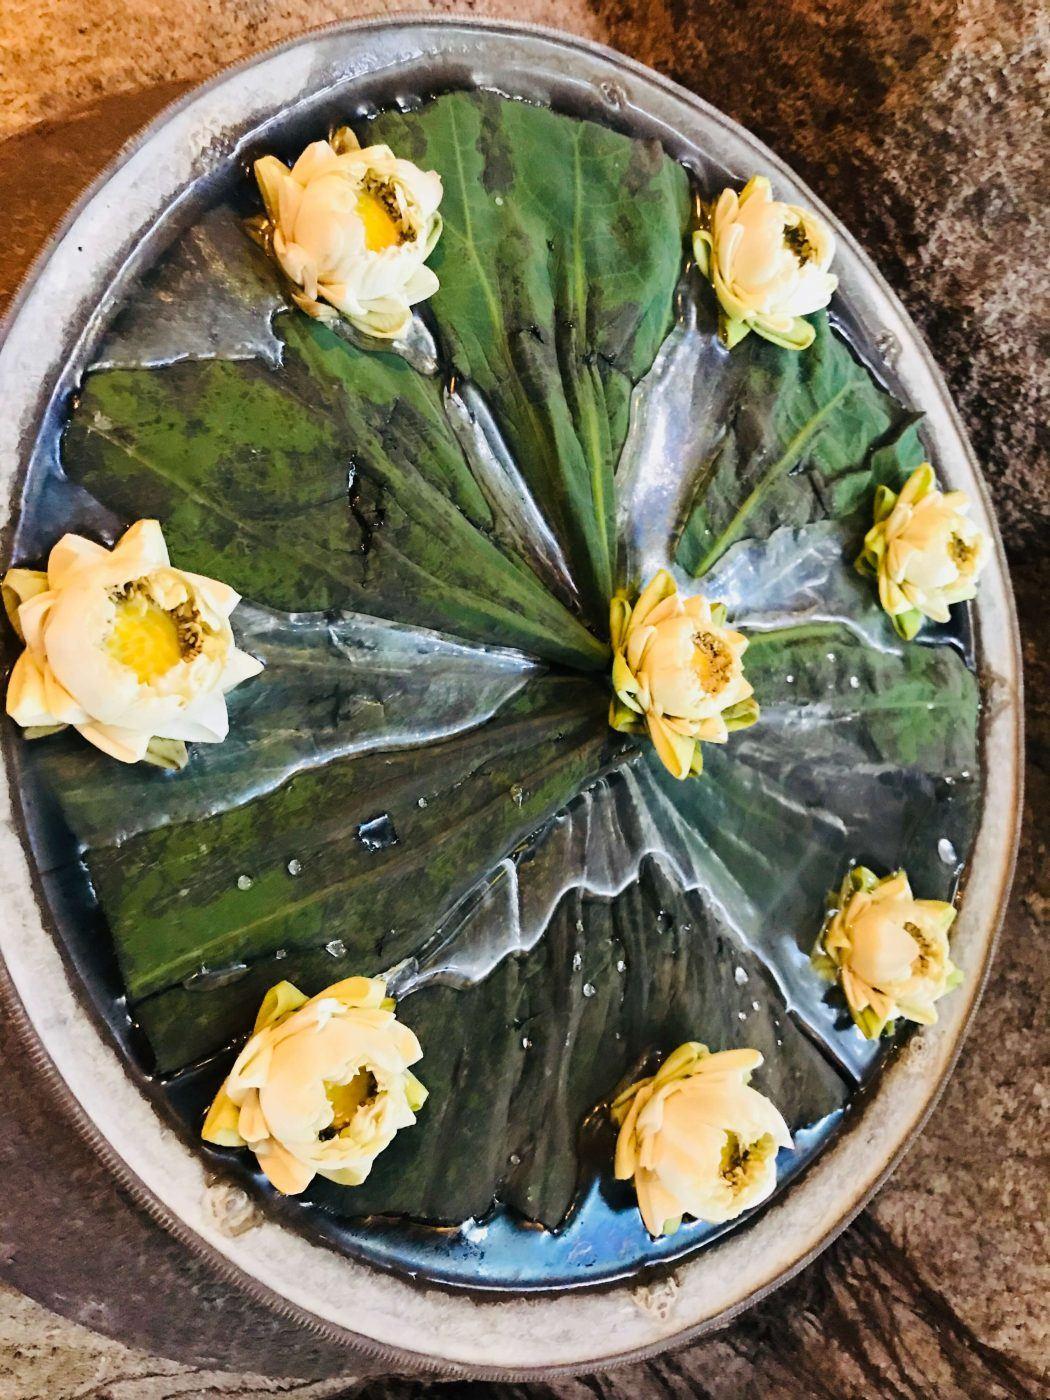 kamalaya floral display